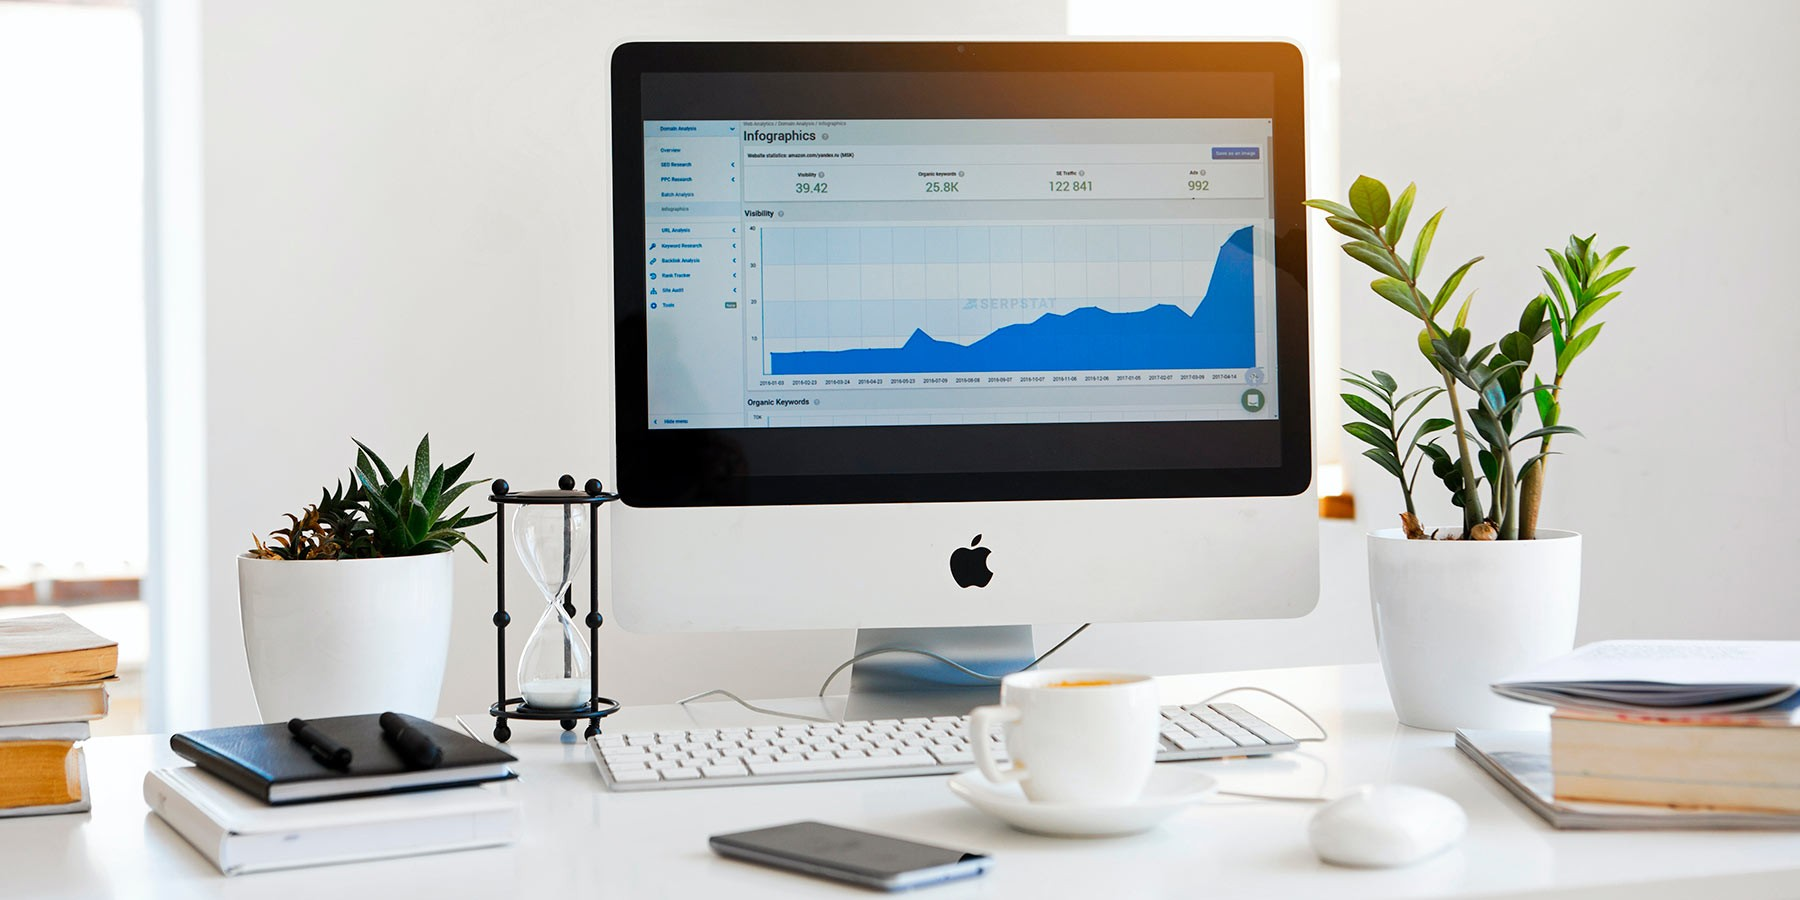 ¿Qué es home office? La solución para empresas más rentables y eficientes